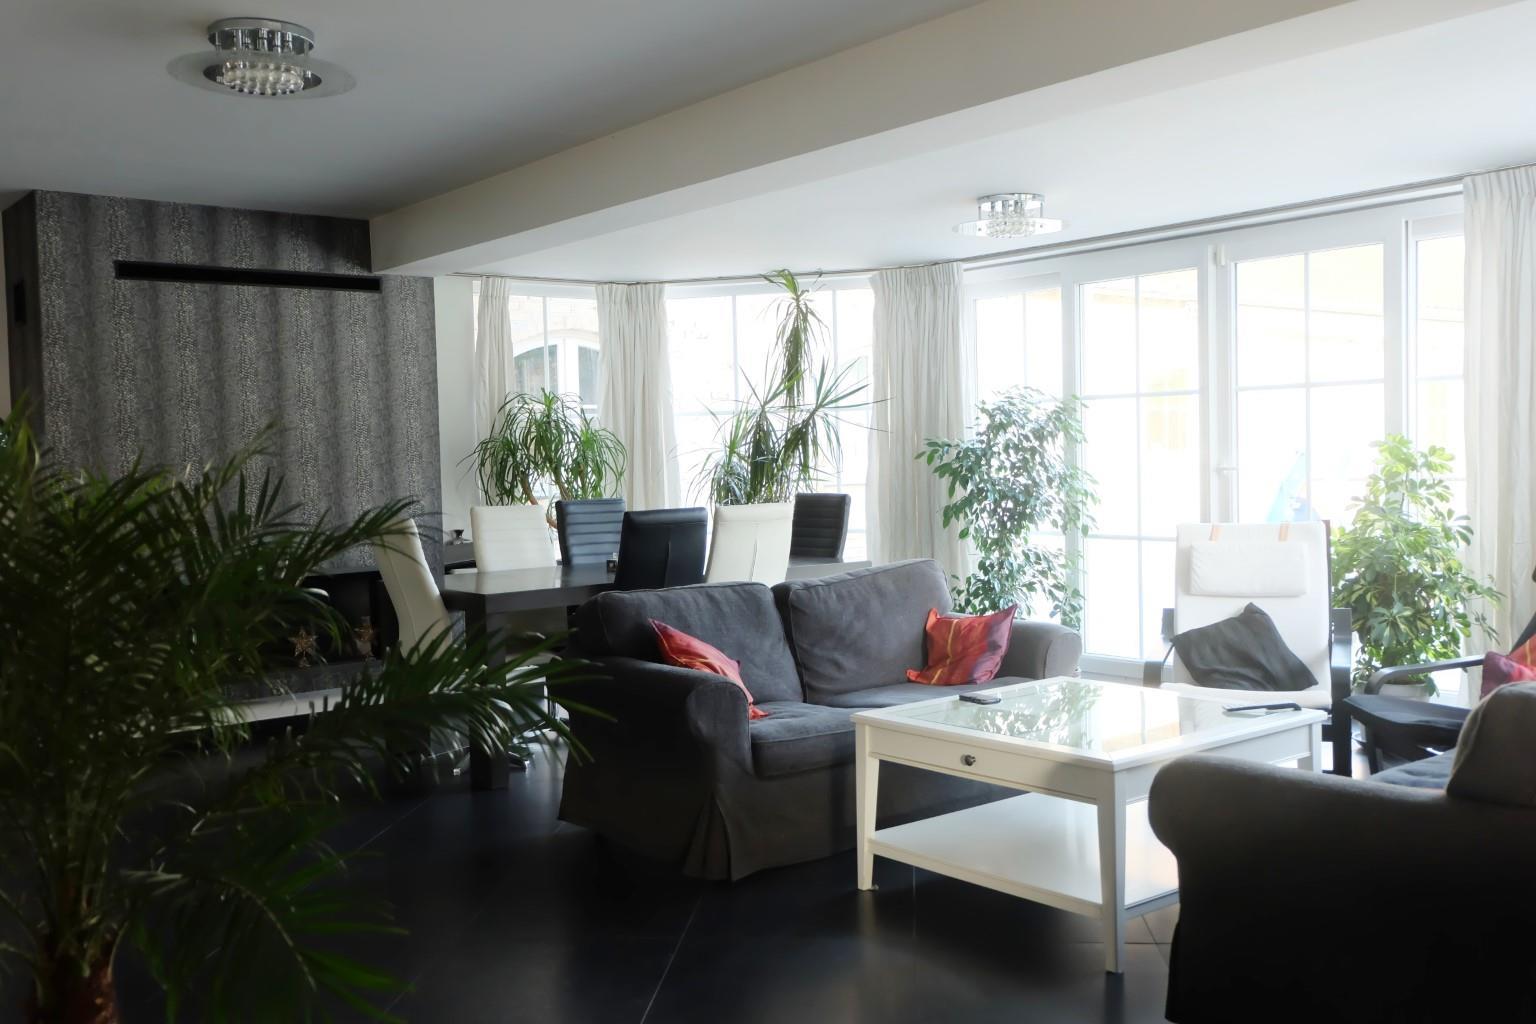 Appartement exceptionnel - Braine-le-Comte Hennuyères - #2181234-3